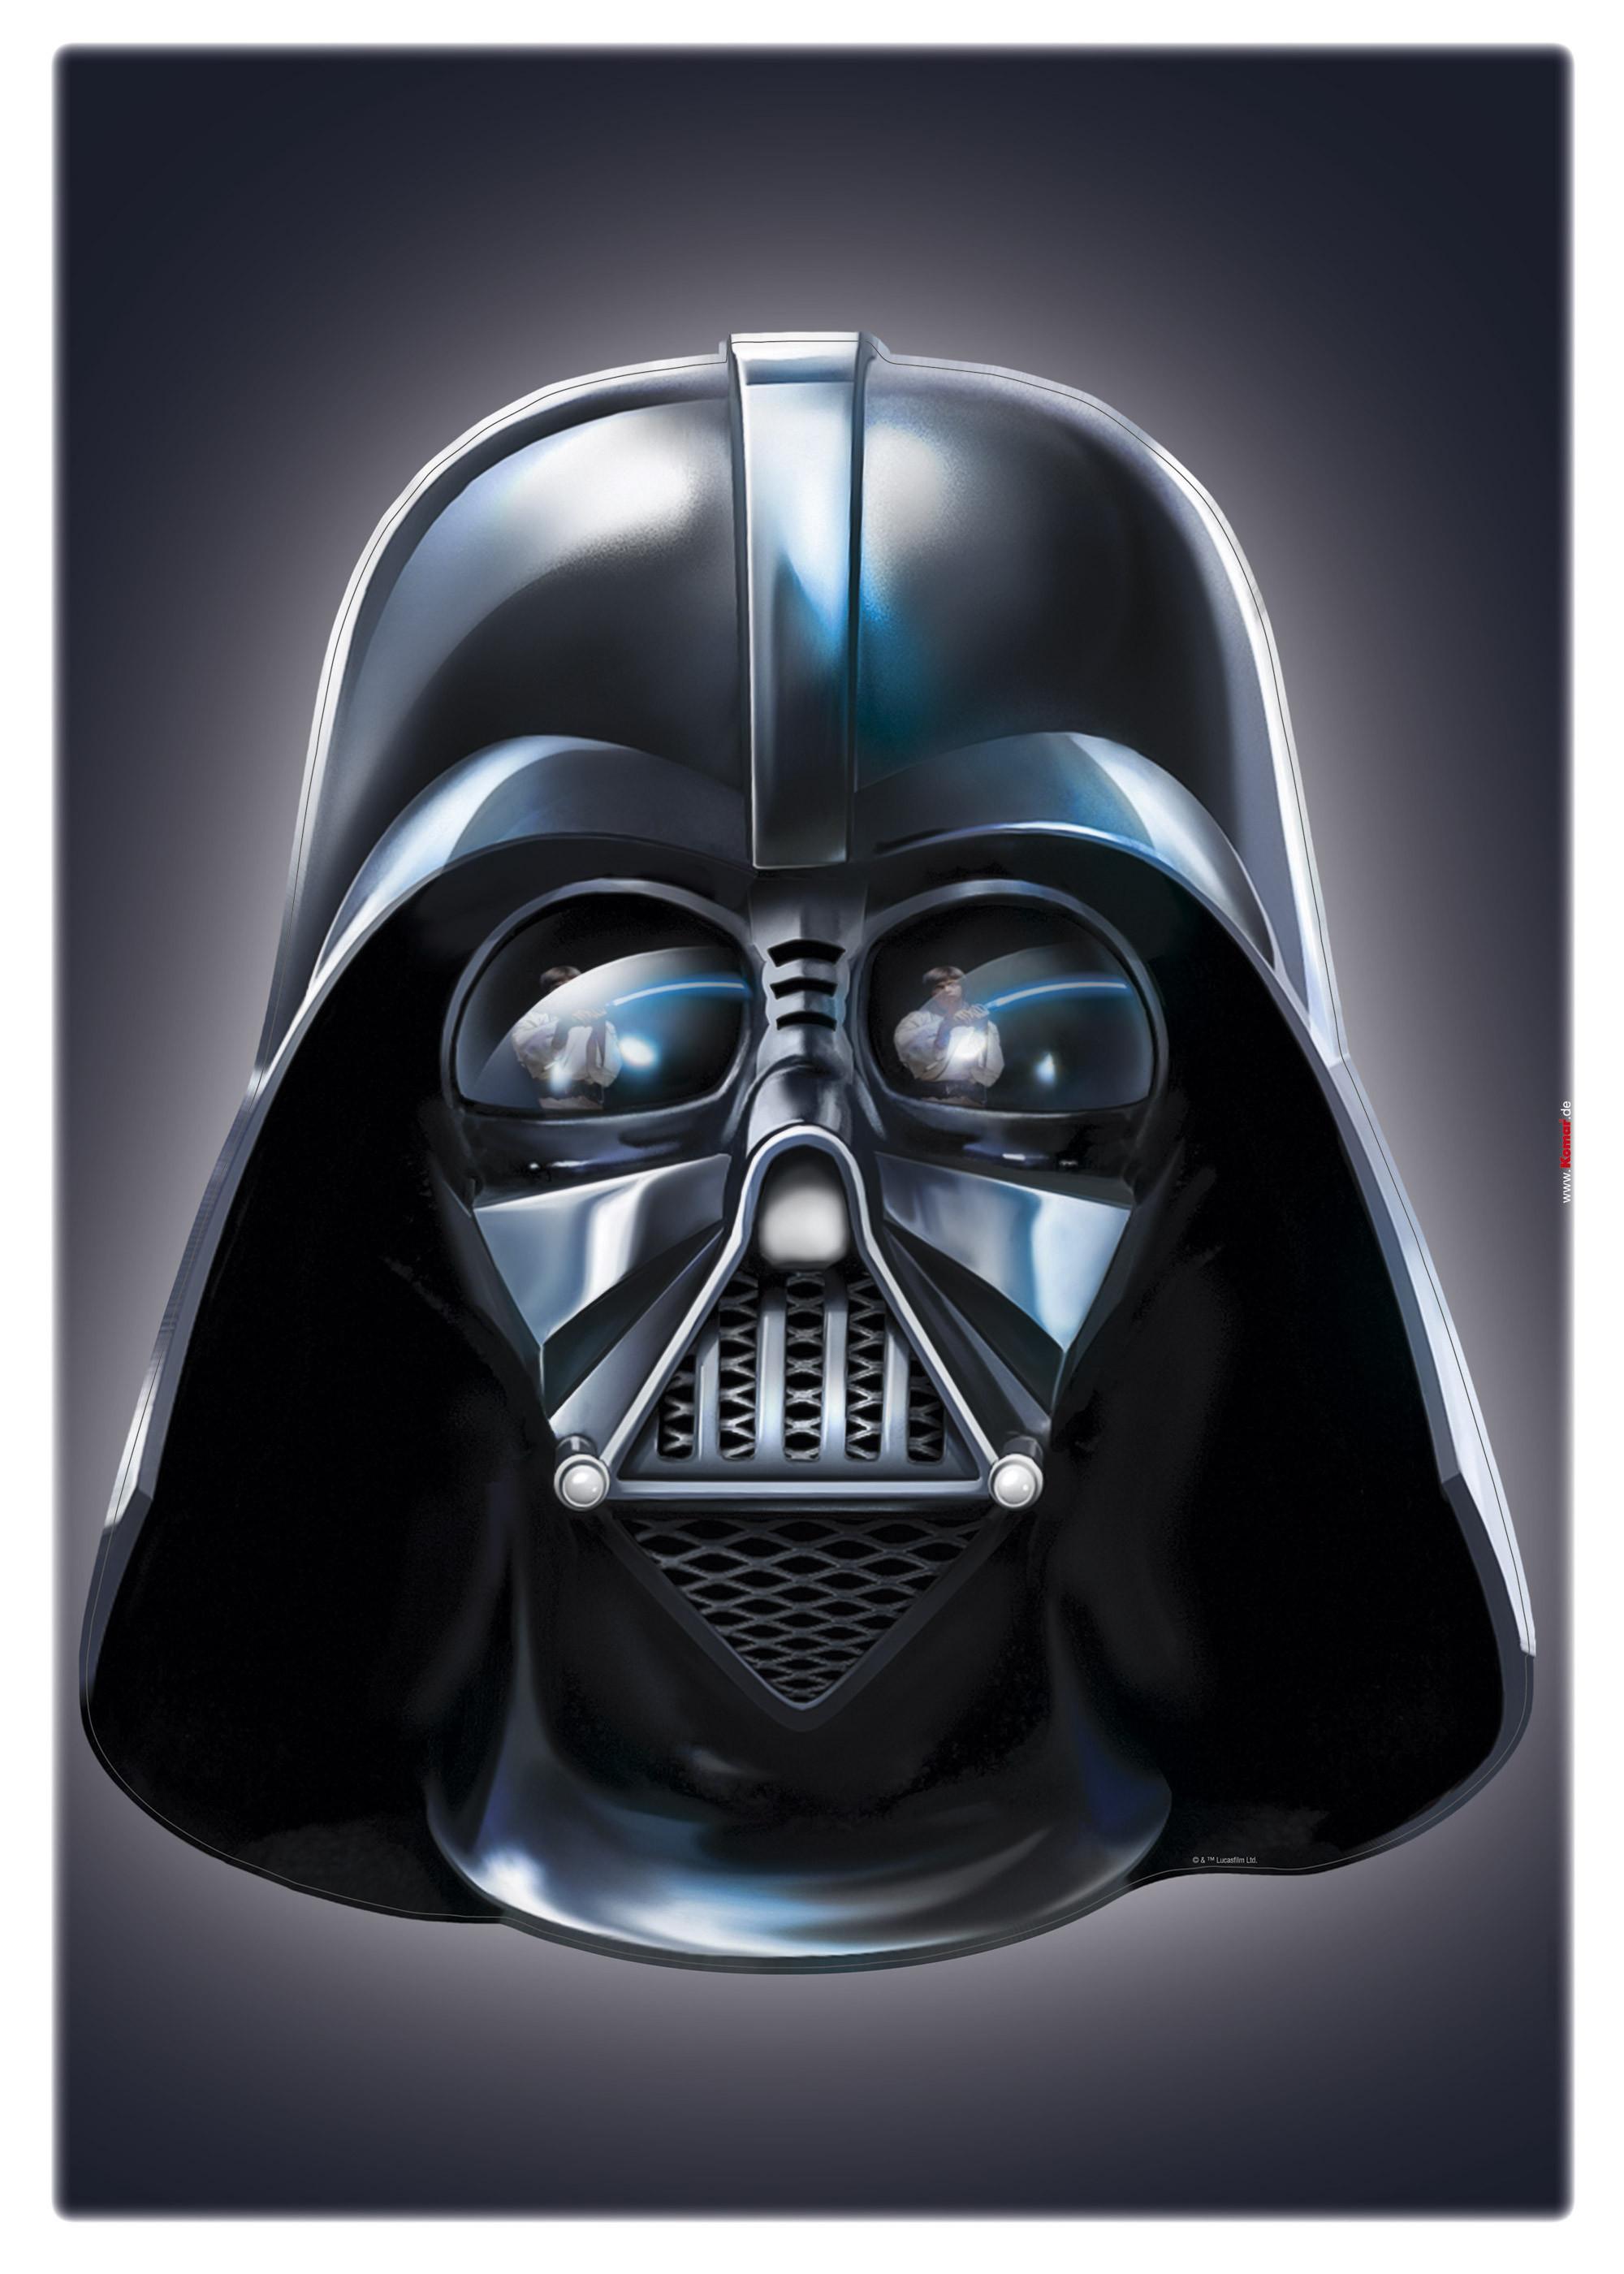 Wandsticker Star Wars Darth Vader von Komar